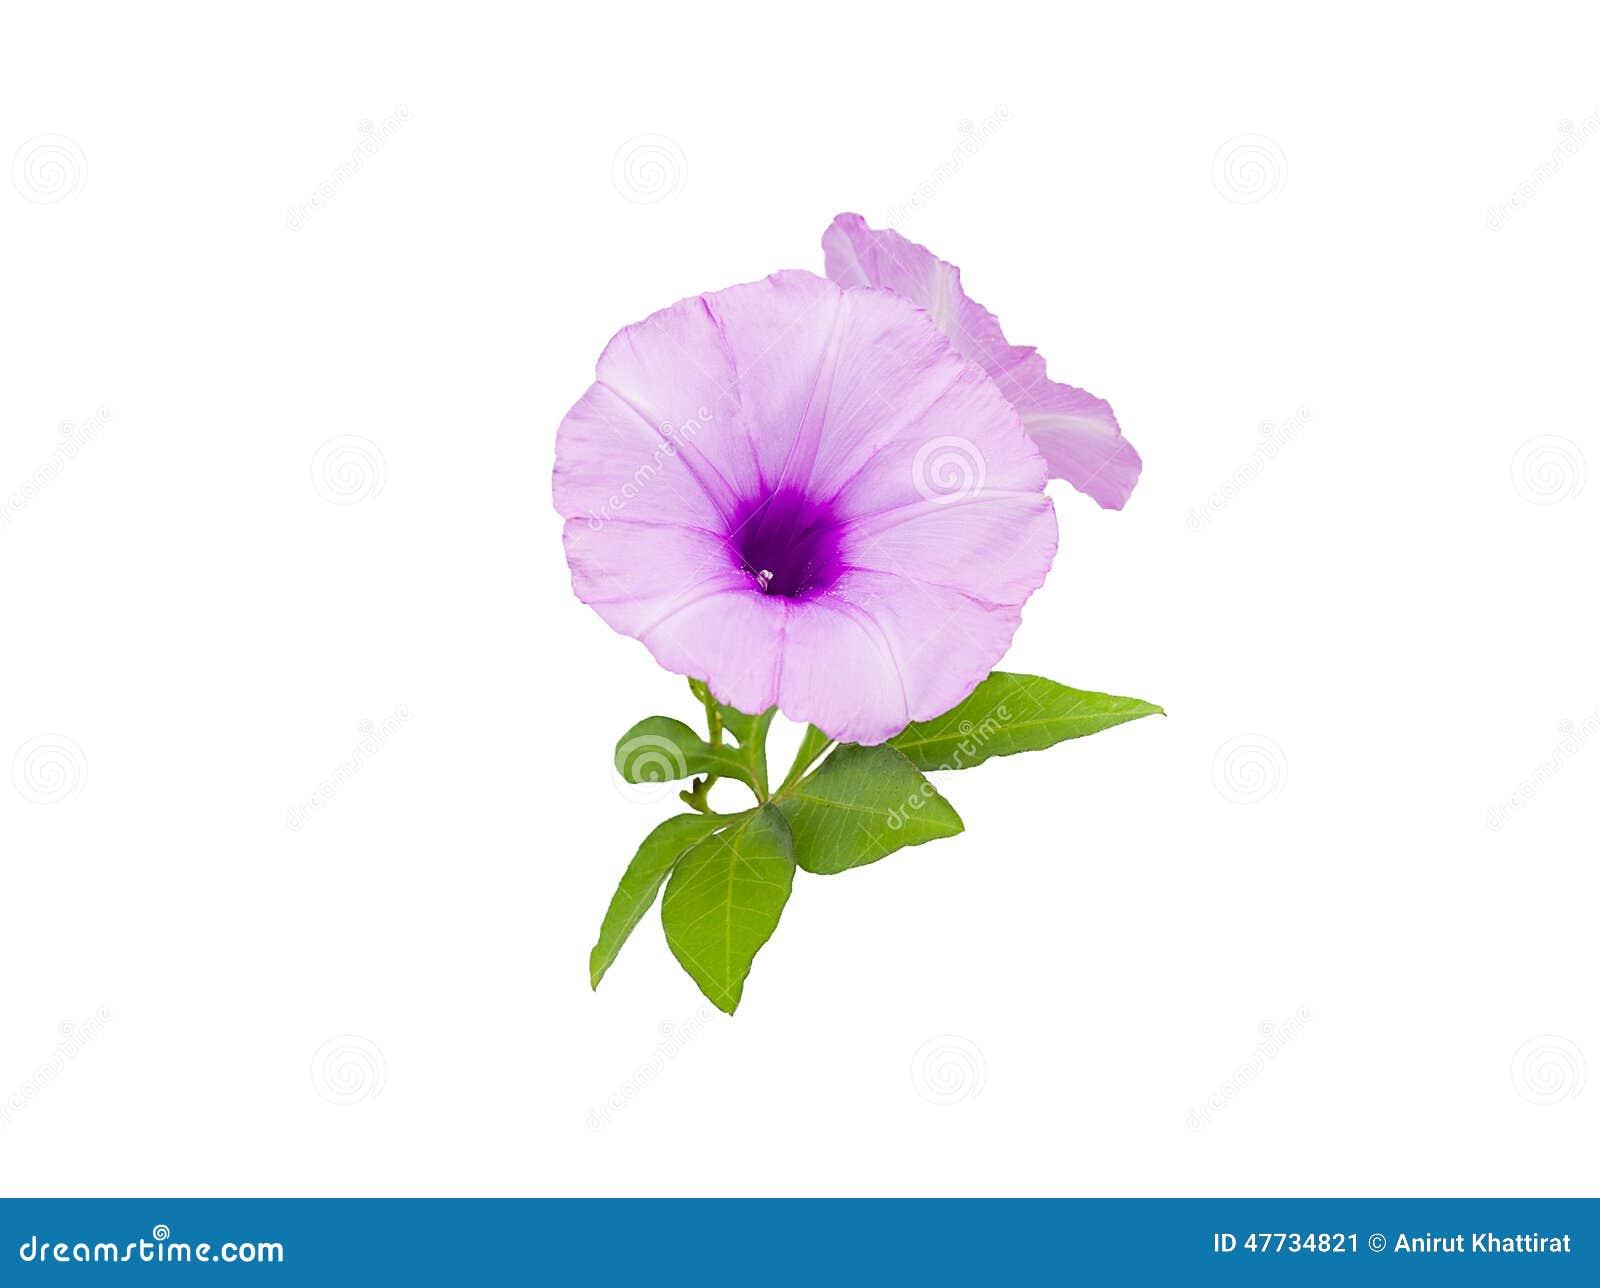 Morning Glory Flowers Stock Image Image Of Element Shape 47734821